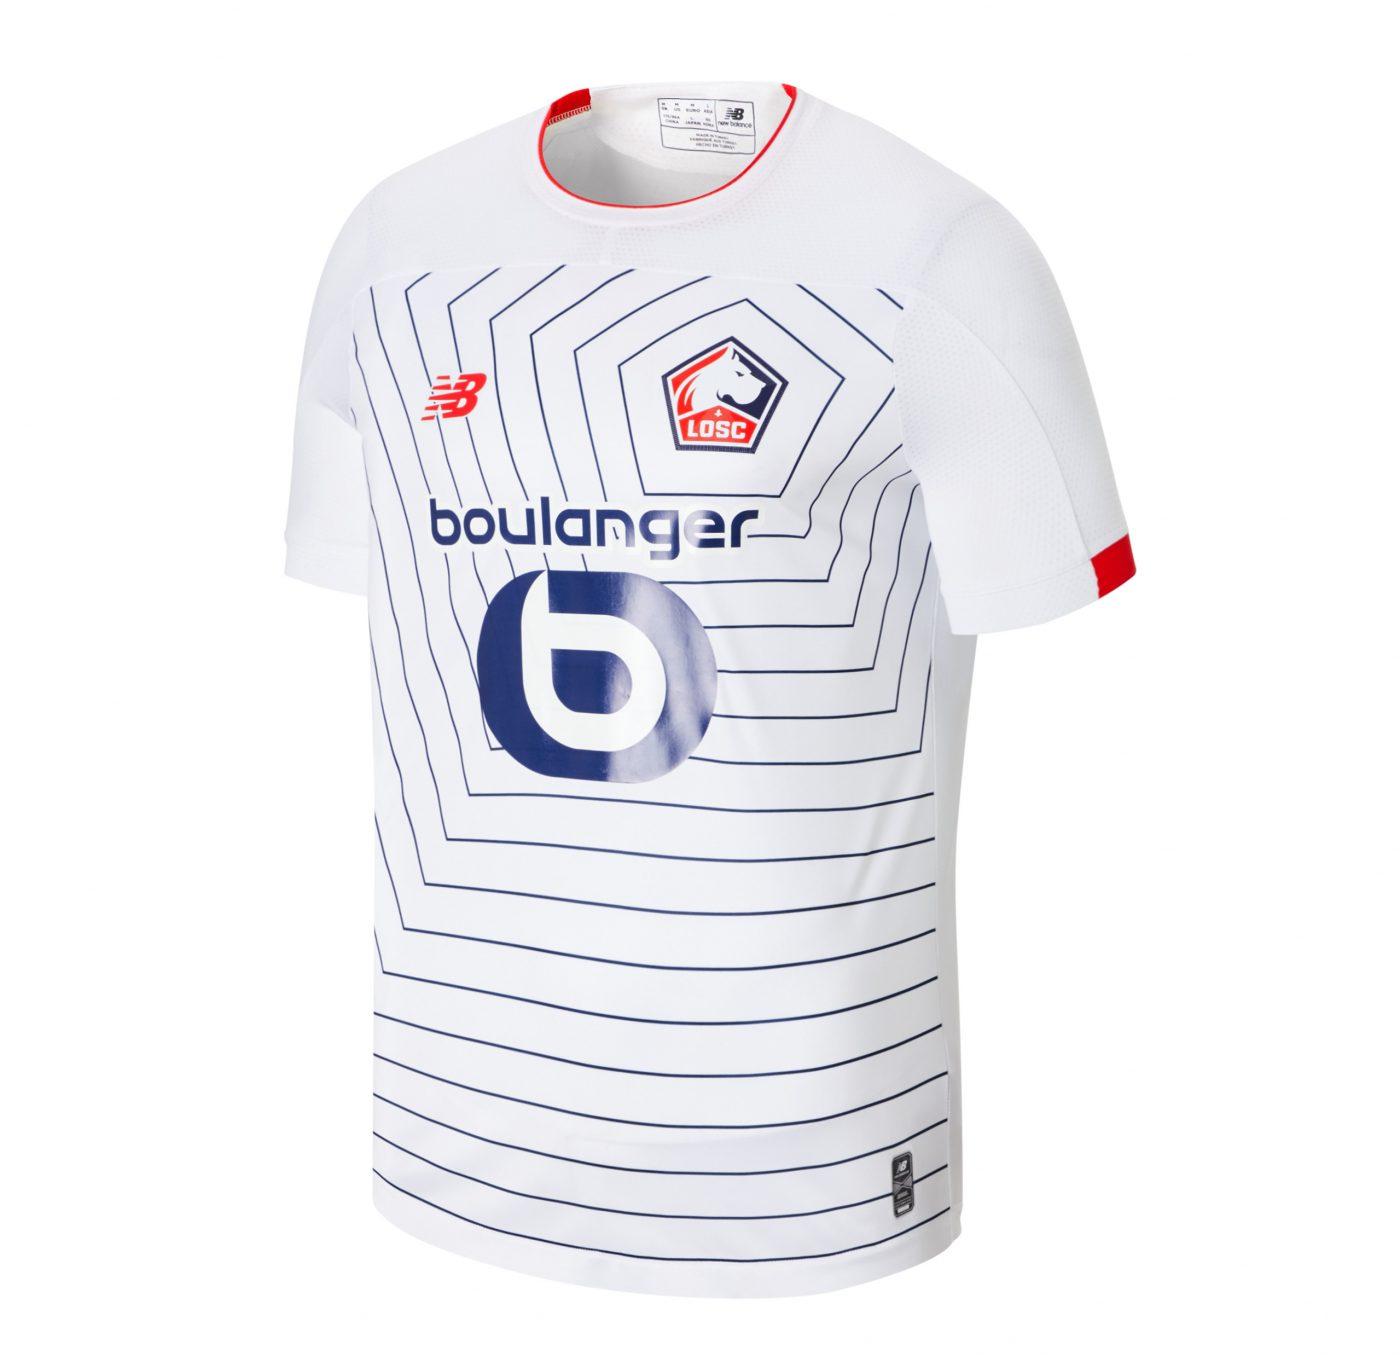 maillot-third-lille-osc-2019-2020-new-balance